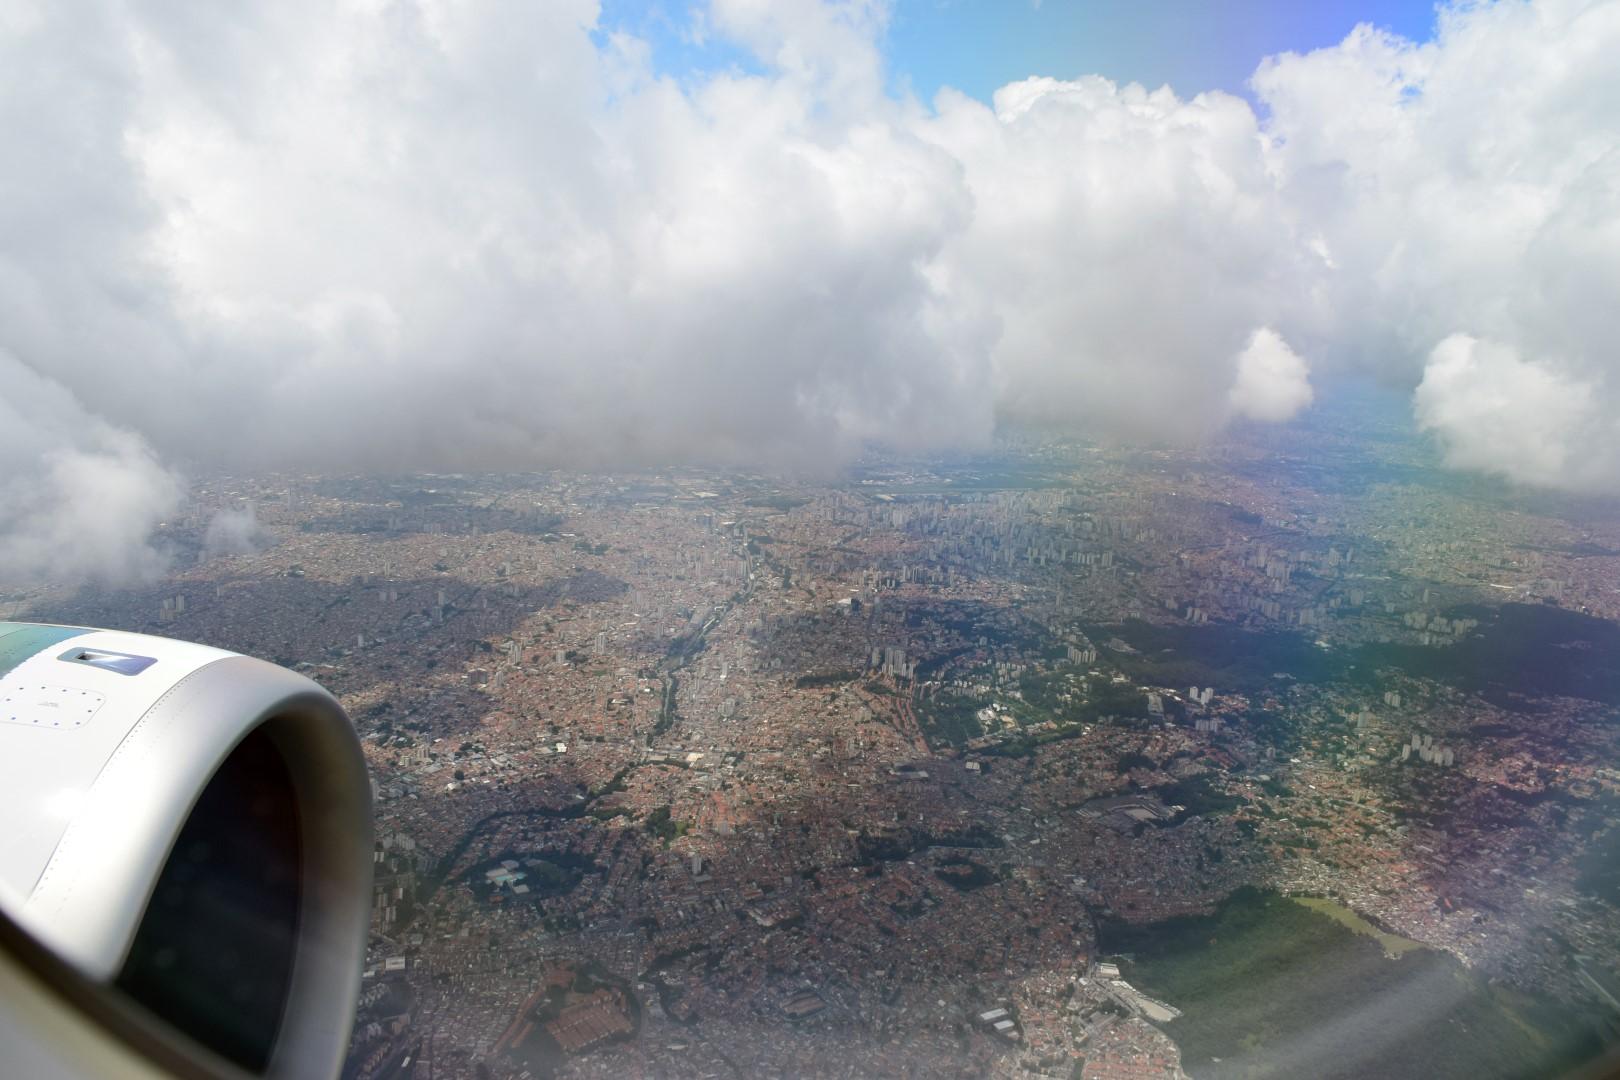 Above Guarulhos, close to São Paulo